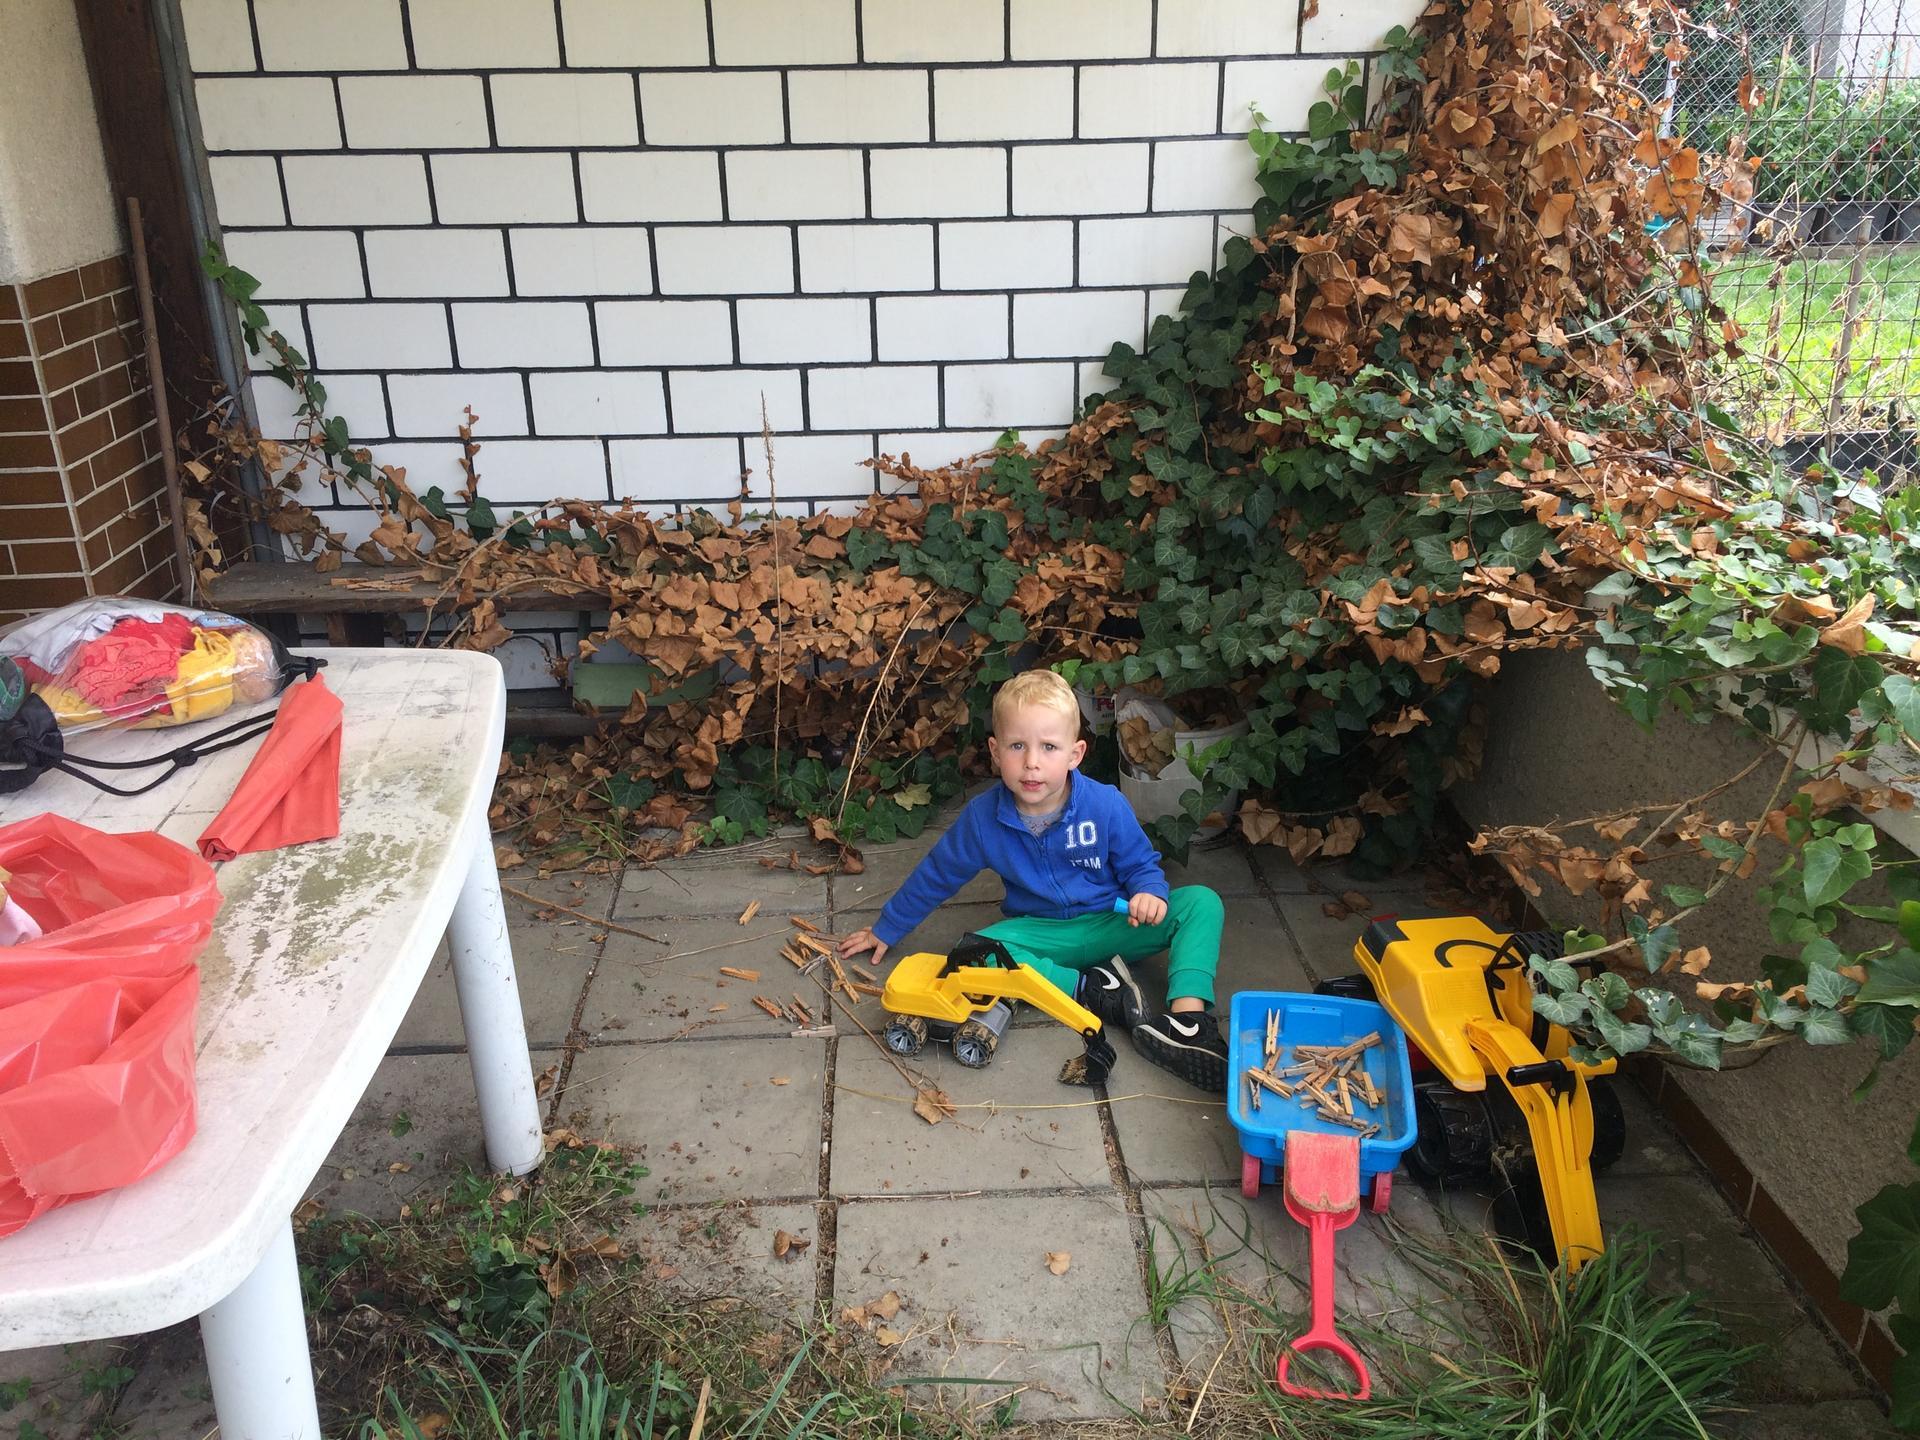 Náš sen bydlení ve vlastním 🏡🍀 - Nejmladší pomocník ❤️😊